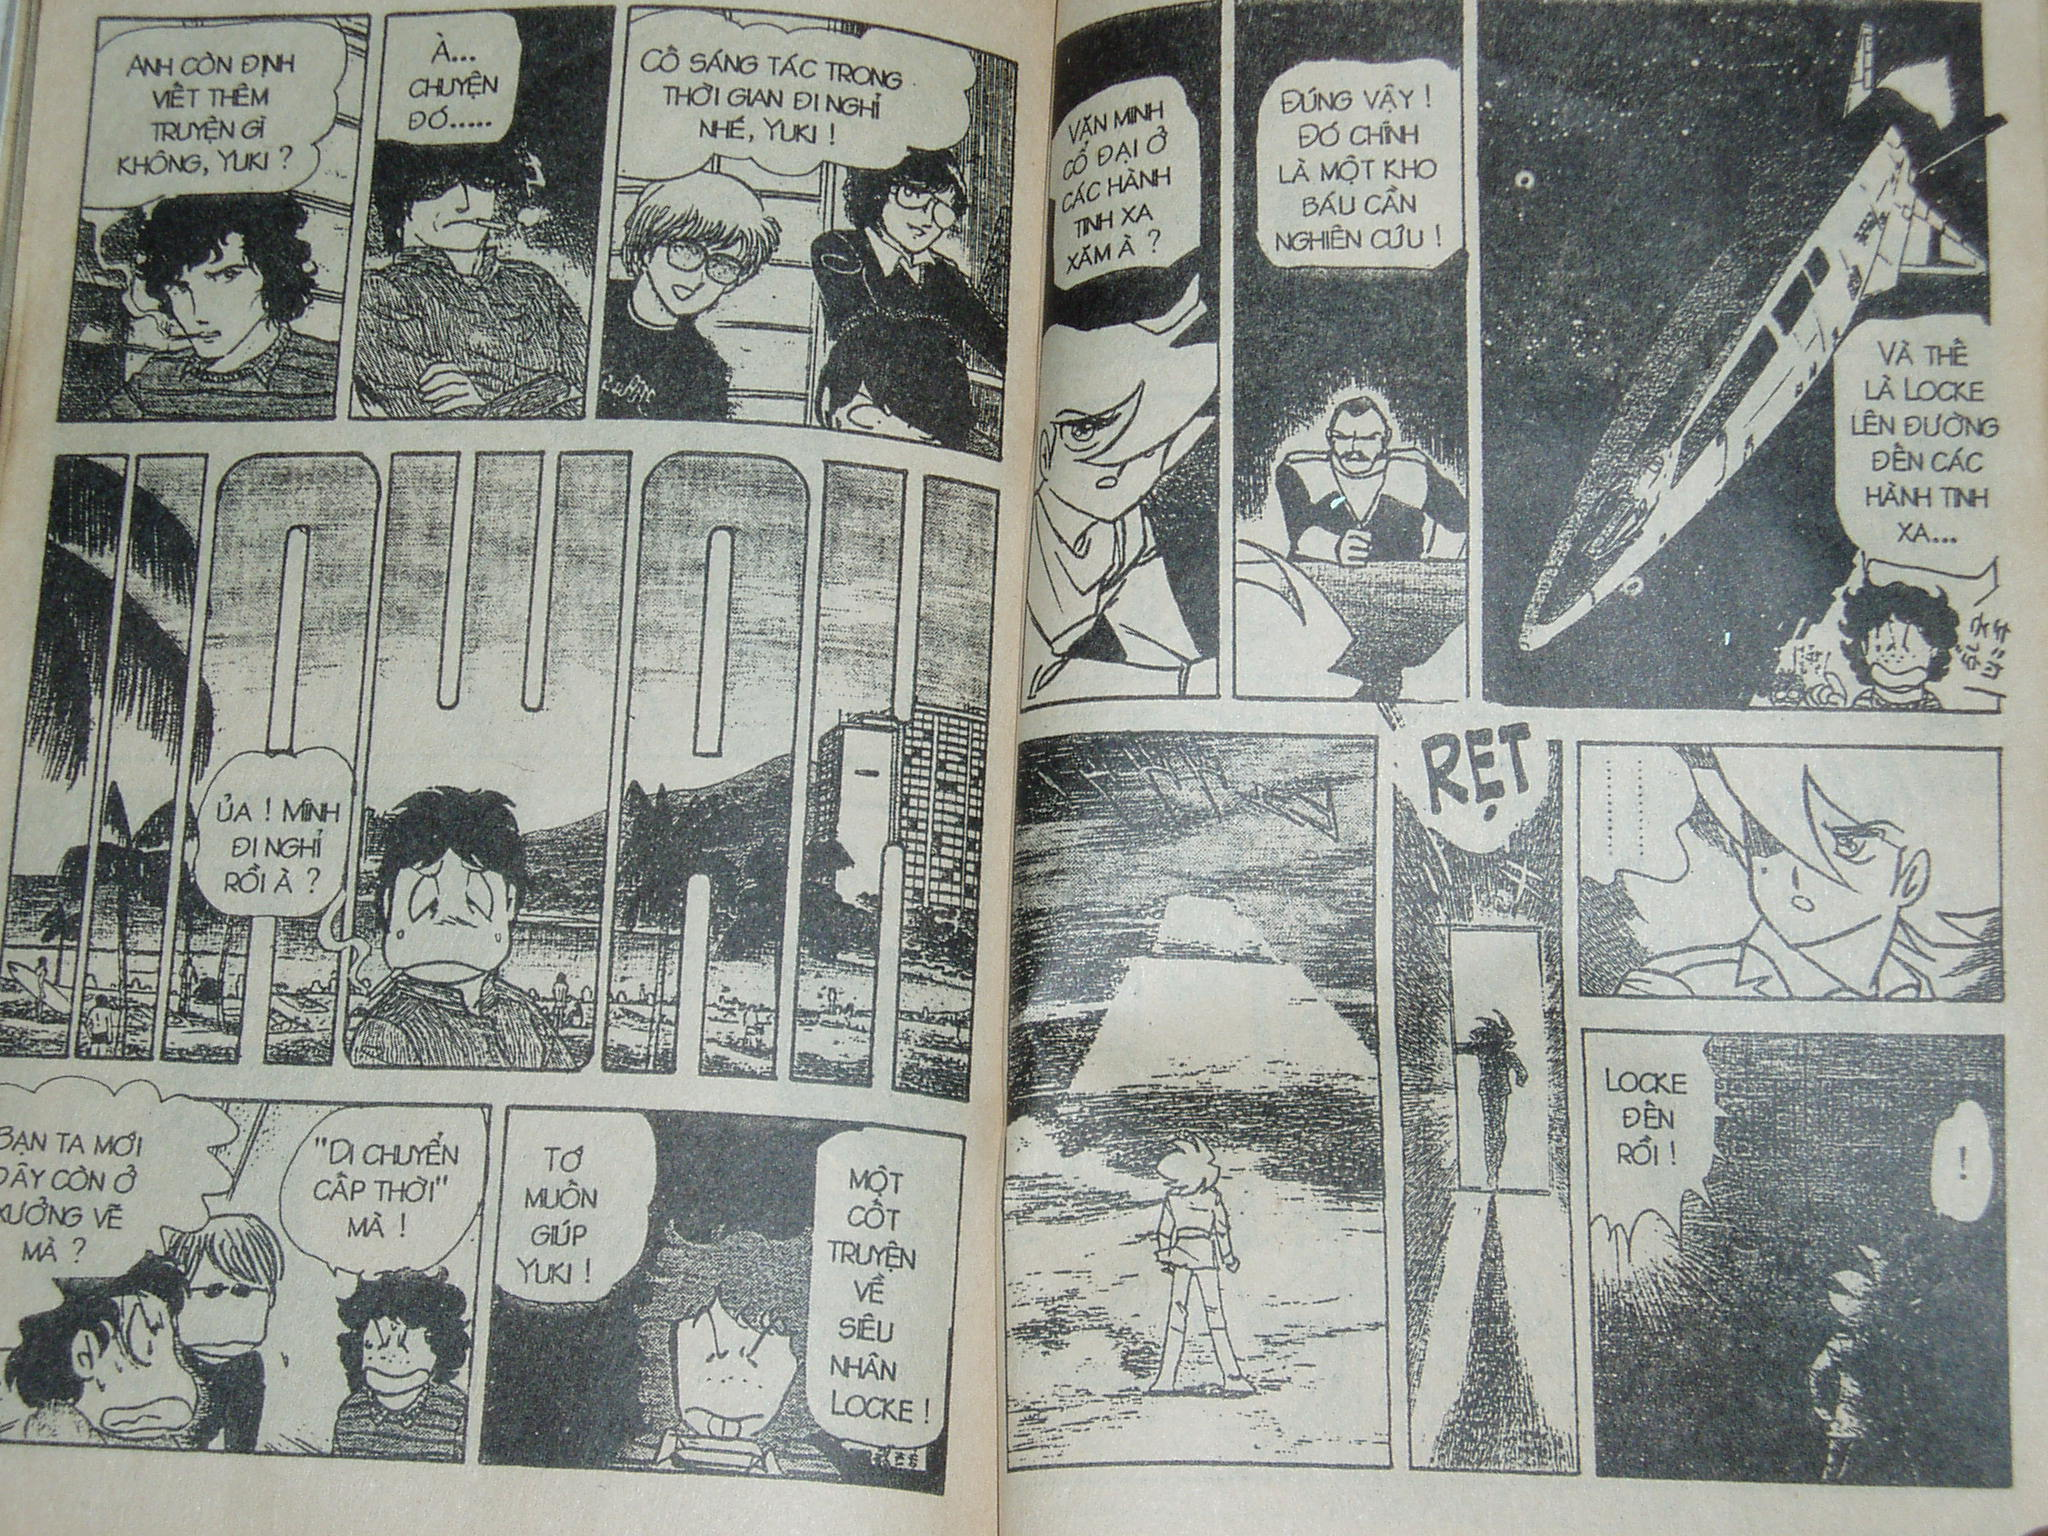 Siêu nhân Locke vol 18 trang 69